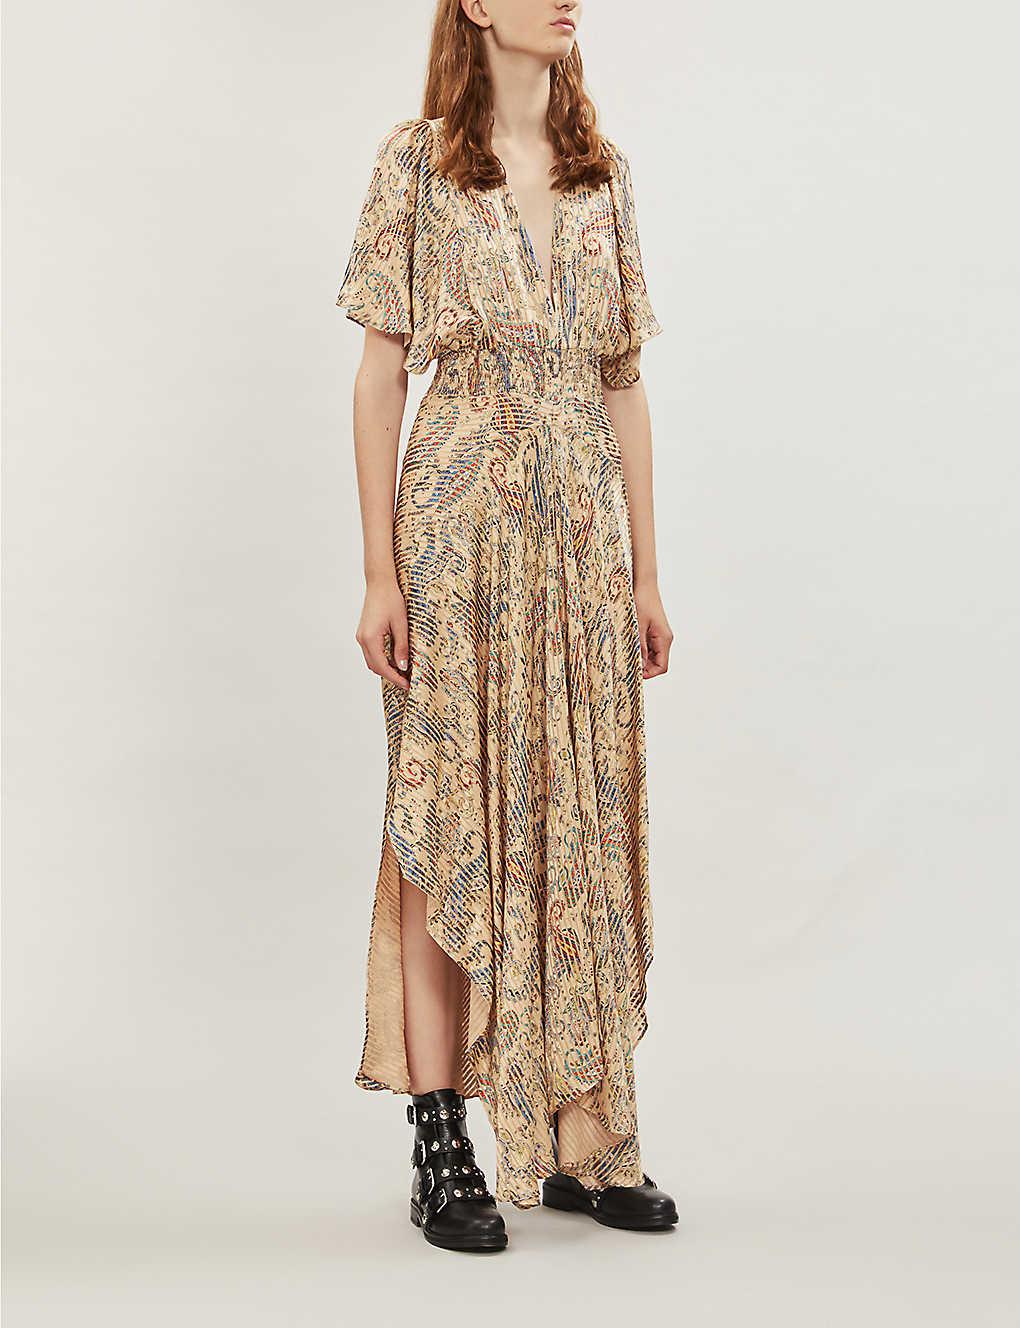 Rachel paisley-print satin dress(8123868)